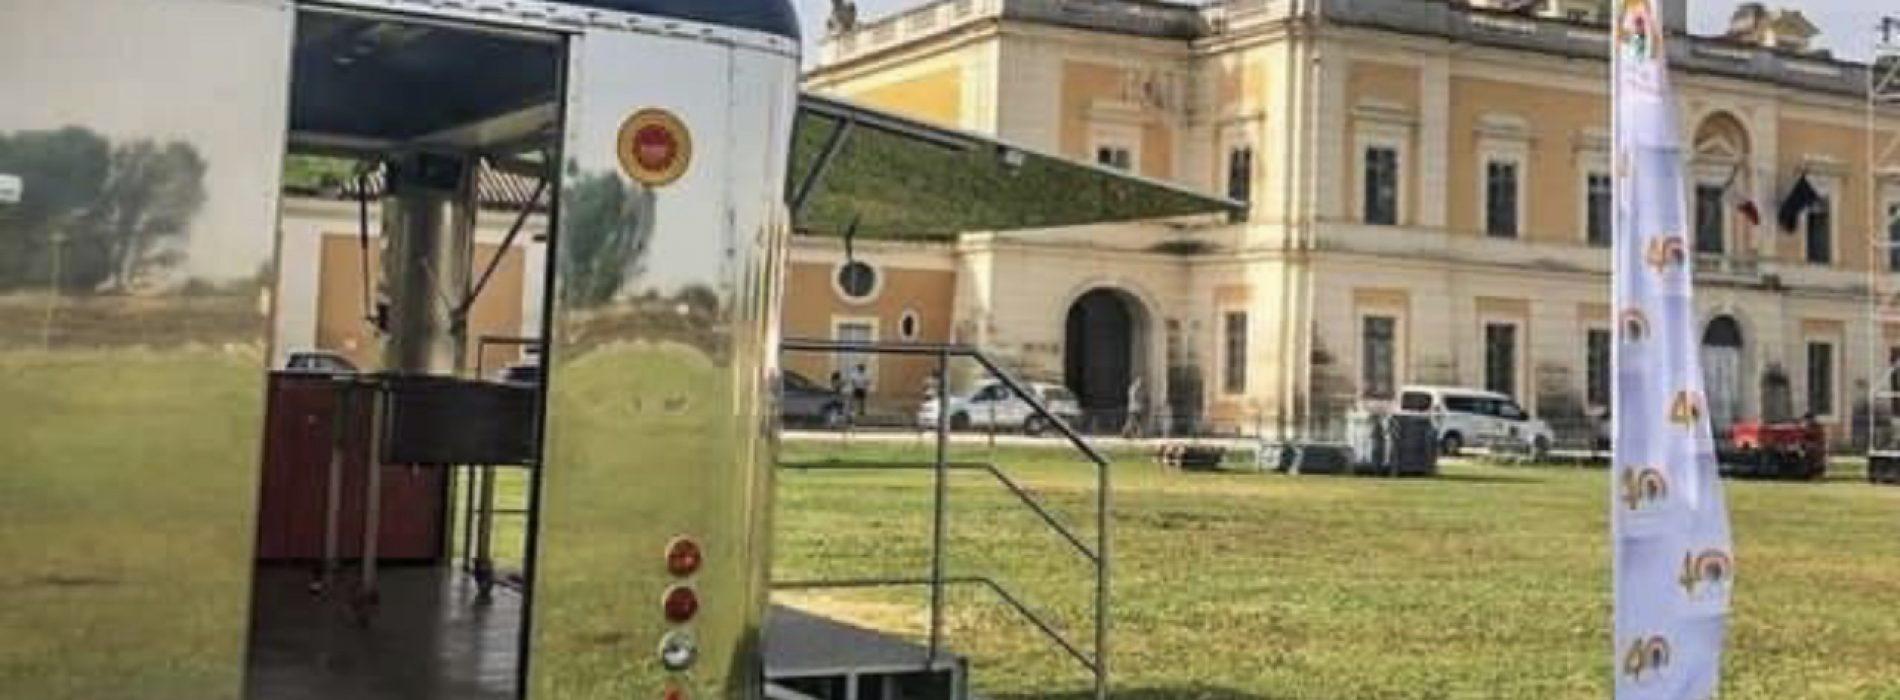 MozzaMobile, prossima fermata Carditello per sosta al festival